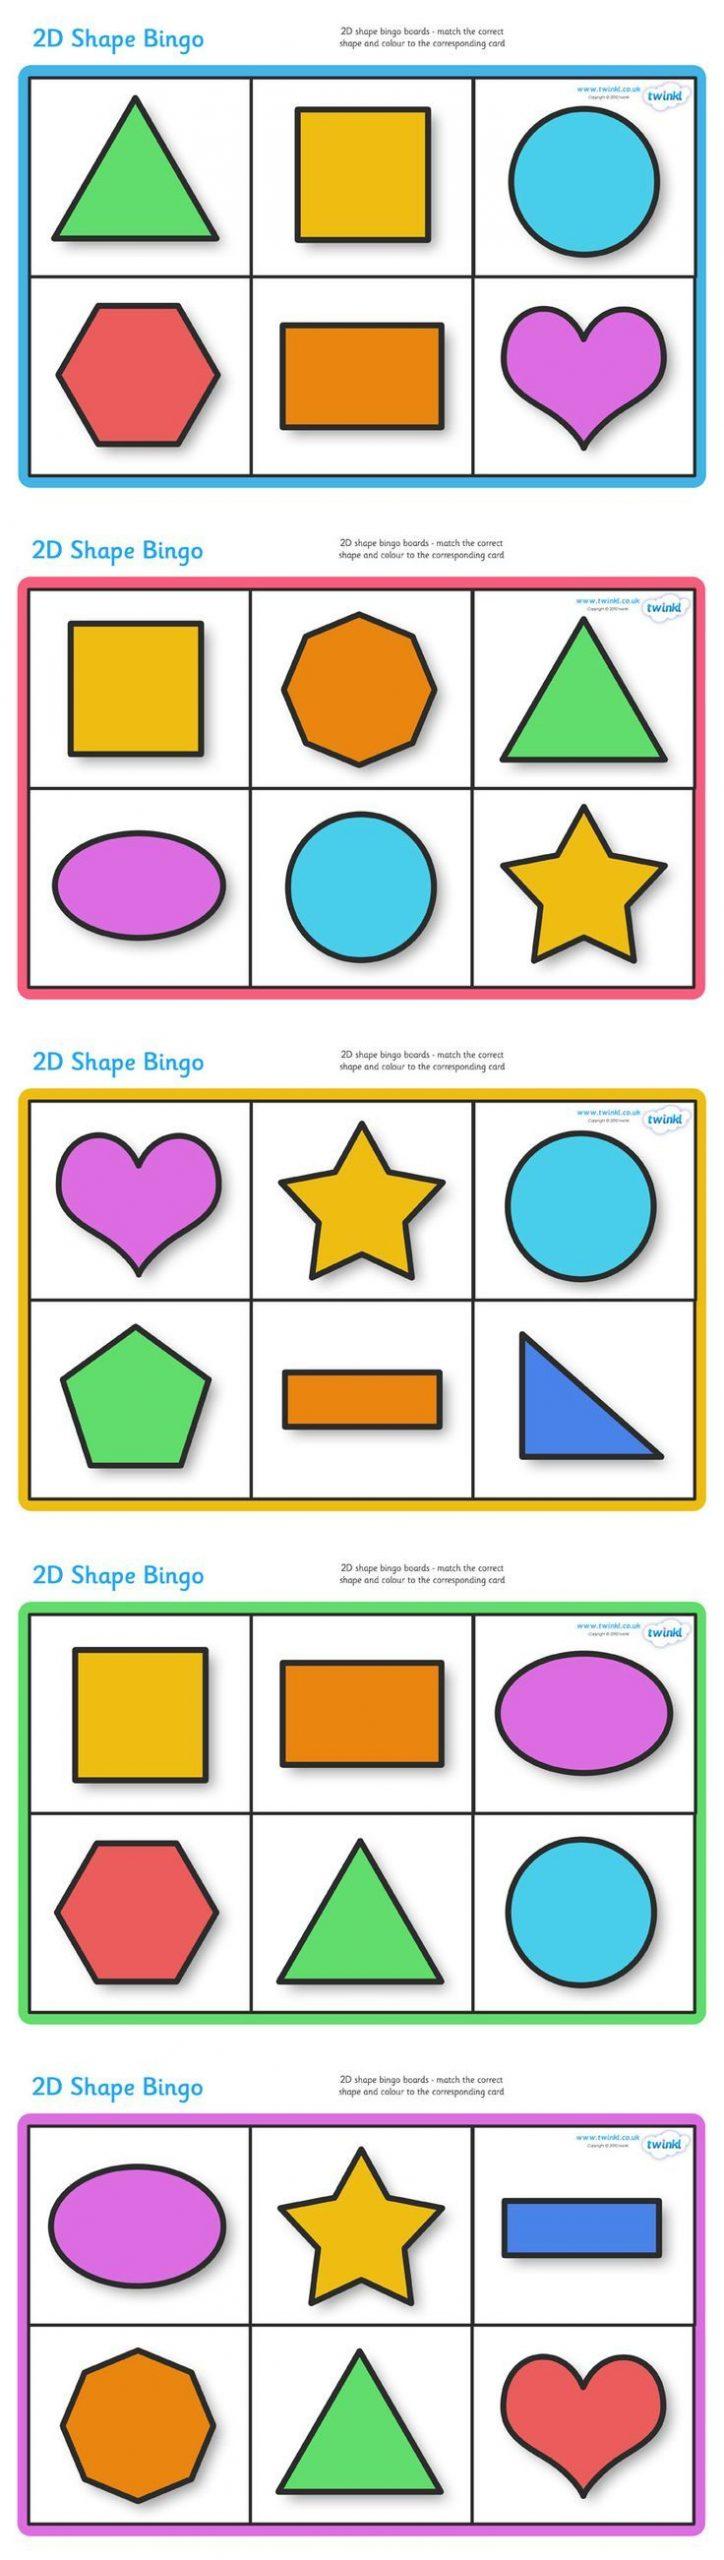 Twinkl Resources >> 2D Shape Bingo >> Classroom Printables avec Association De Formes